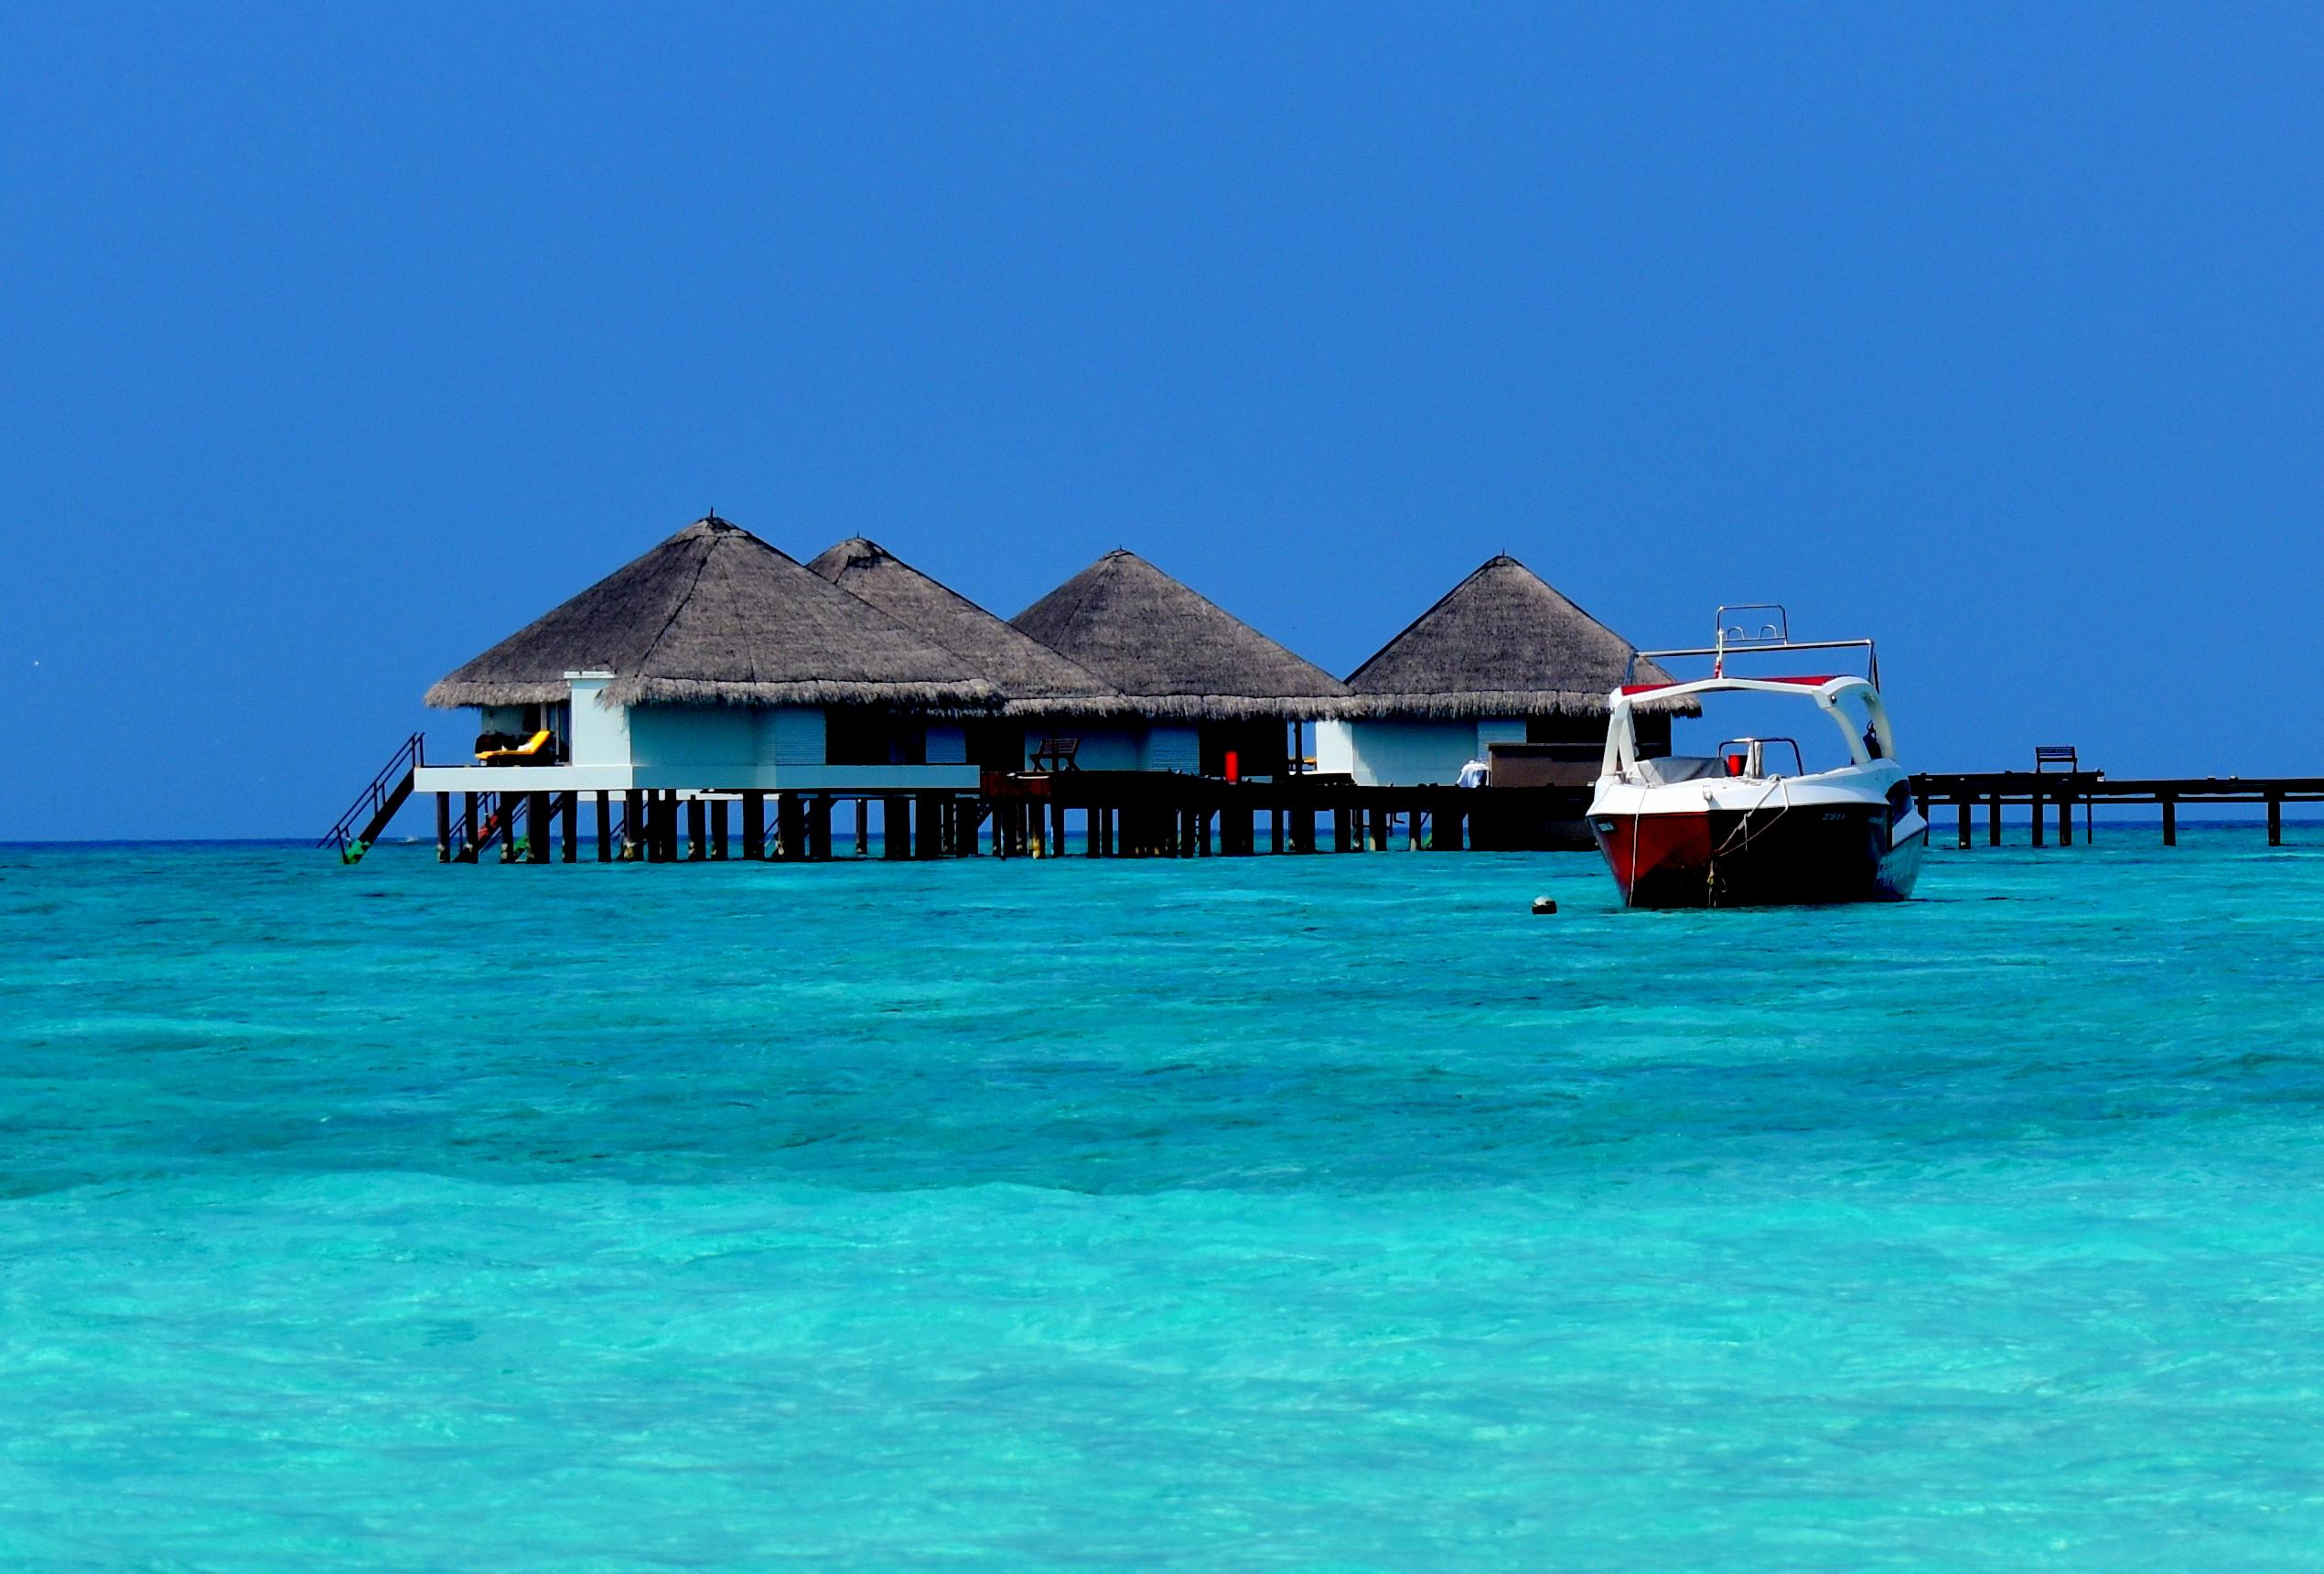 A Water Villa in a Maldives